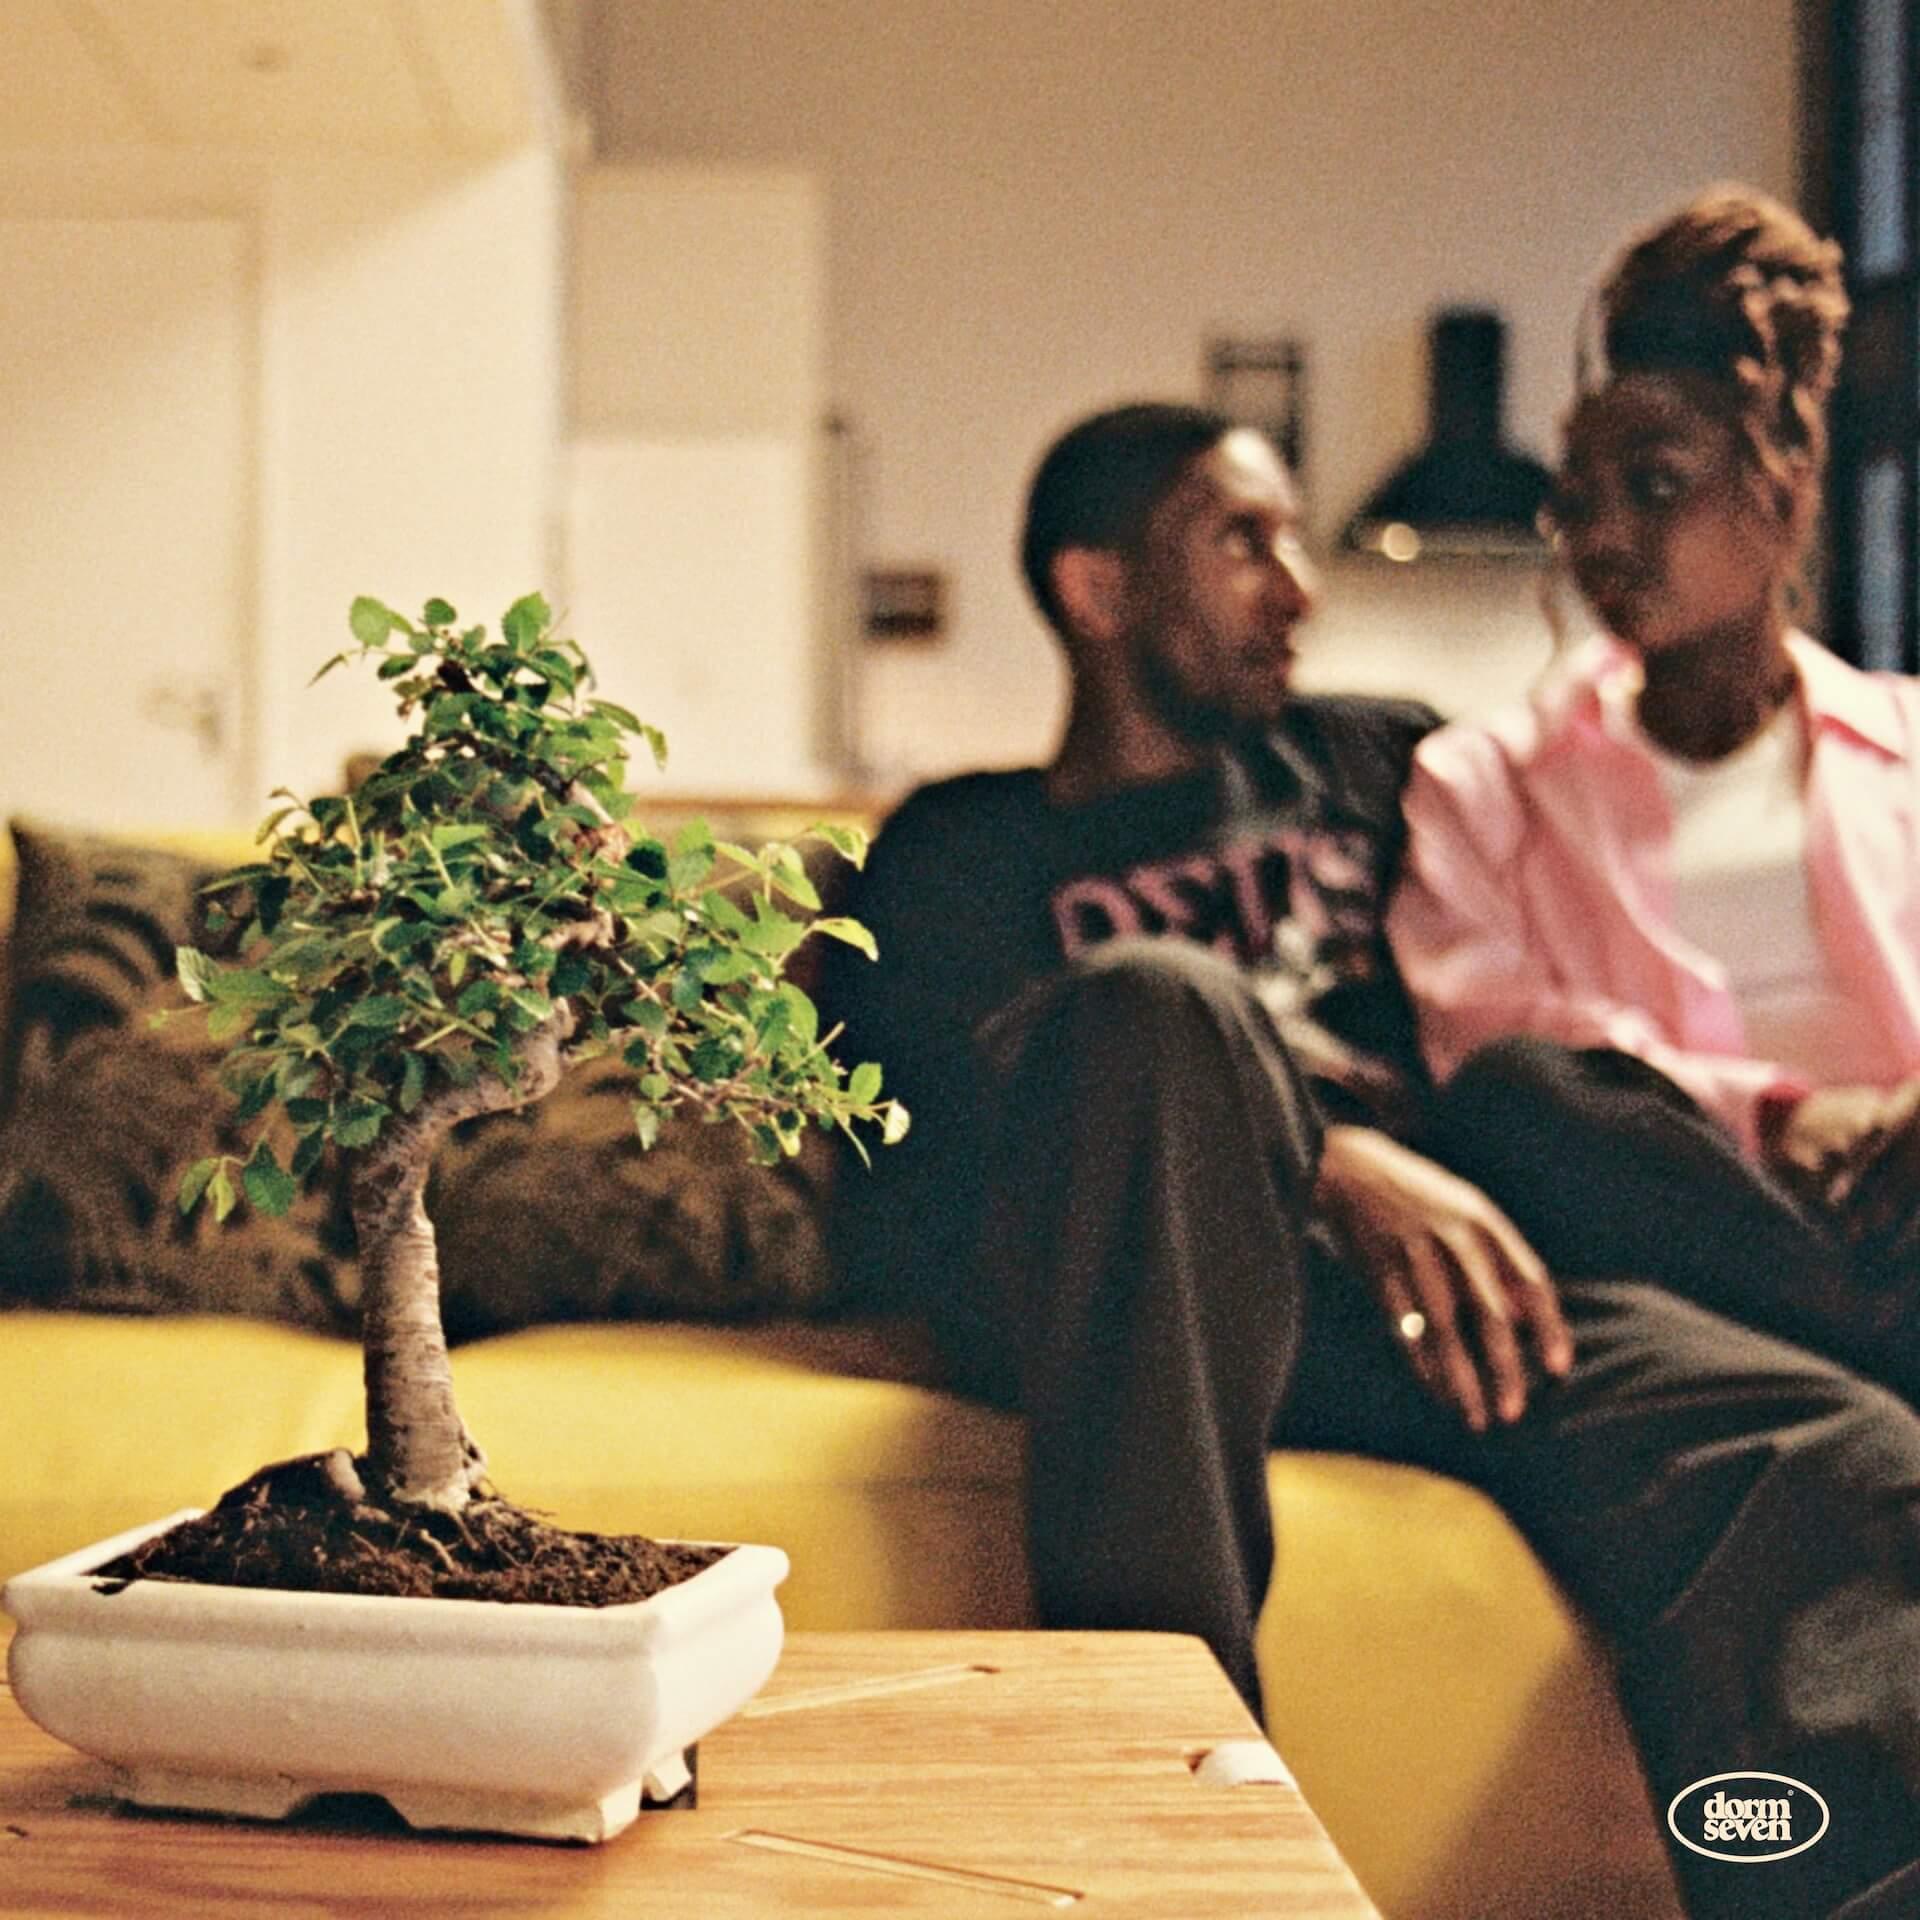 """Samm Henshawが最新シングル""""Grow""""を本日リリース! Tiana Major9と共演したMVも公開 music210720_sammhenshaw_1"""